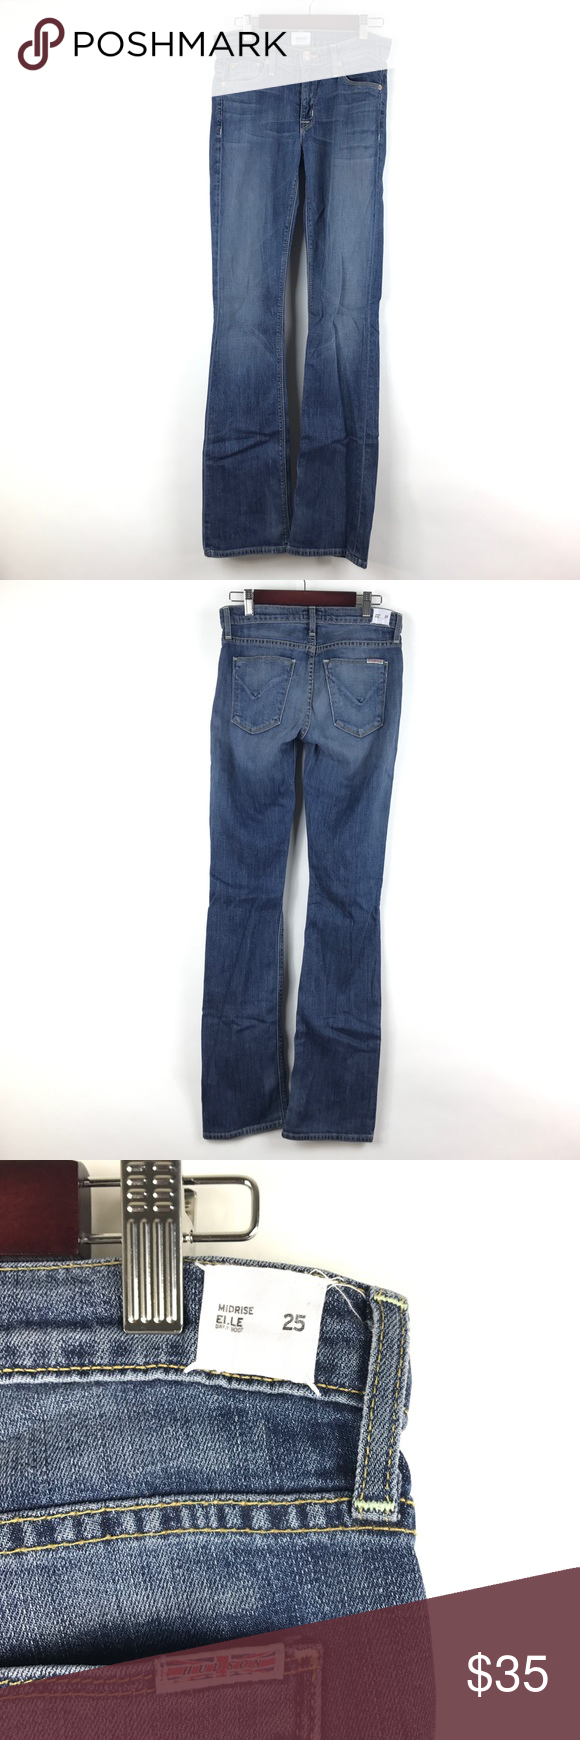 Hudson elle mid rise bootcut jeans